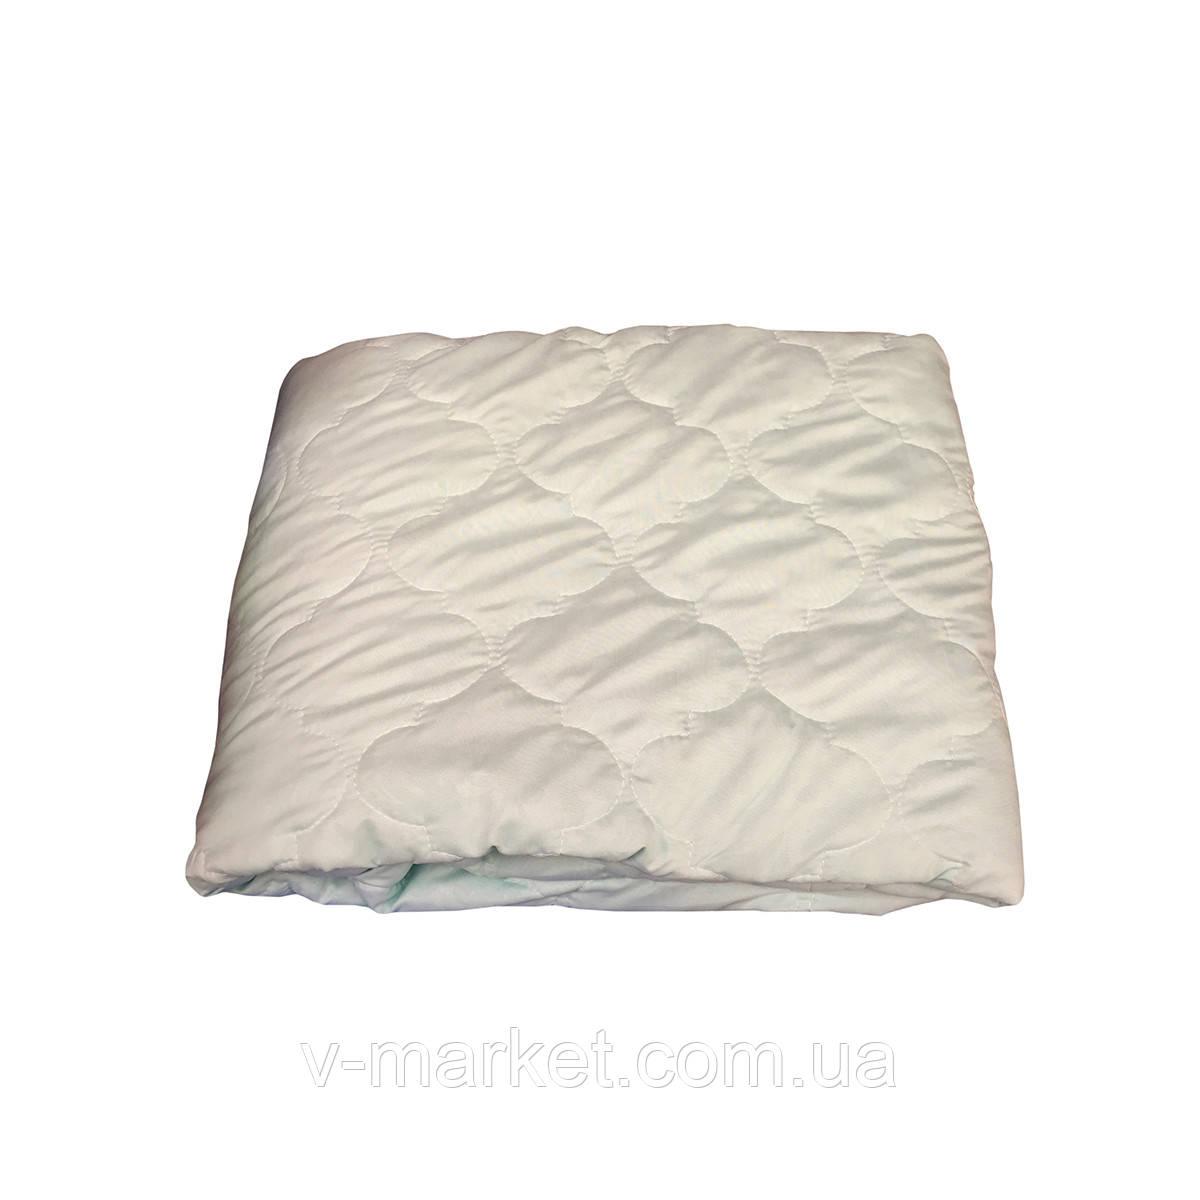 Літній ковдру покривало двоспальне однотонне Бамбук , 175/205, бамбук, тканина микрофибрафибра